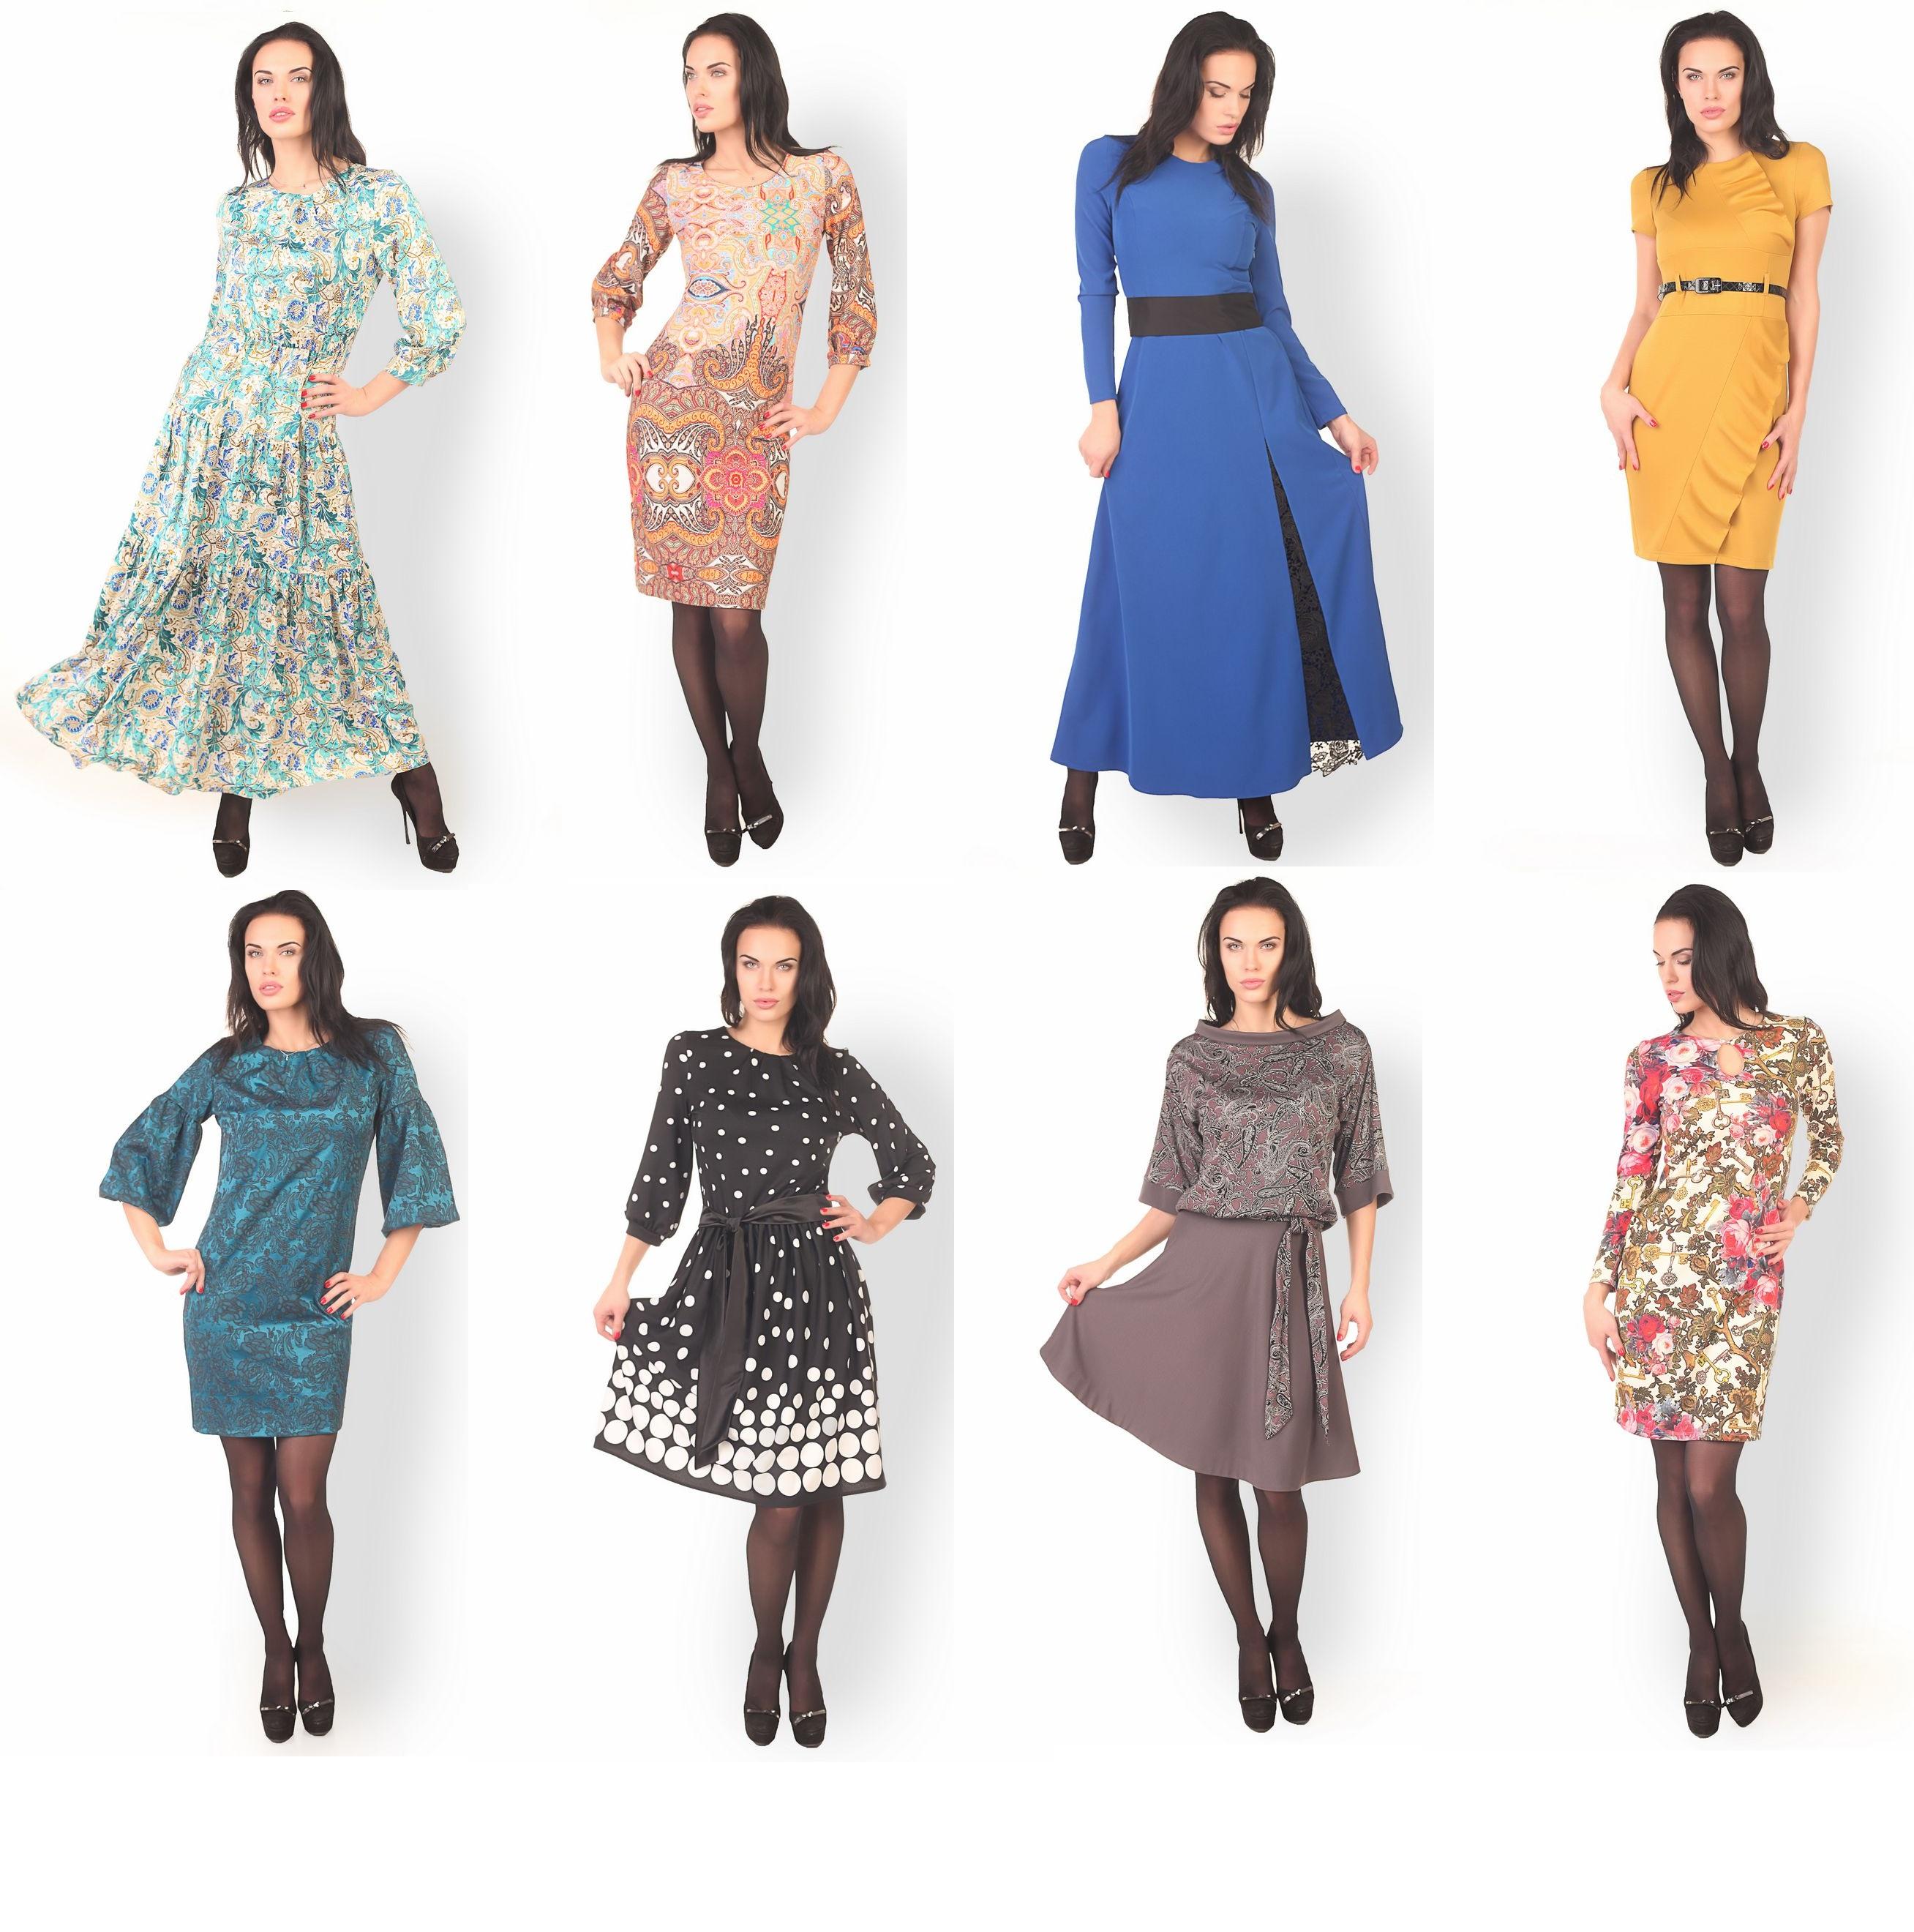 Платья, которые сделают вашу фигуру идеальной 11. От 44 до 58 размера. Без рядов! Раздачи до 8 марта.